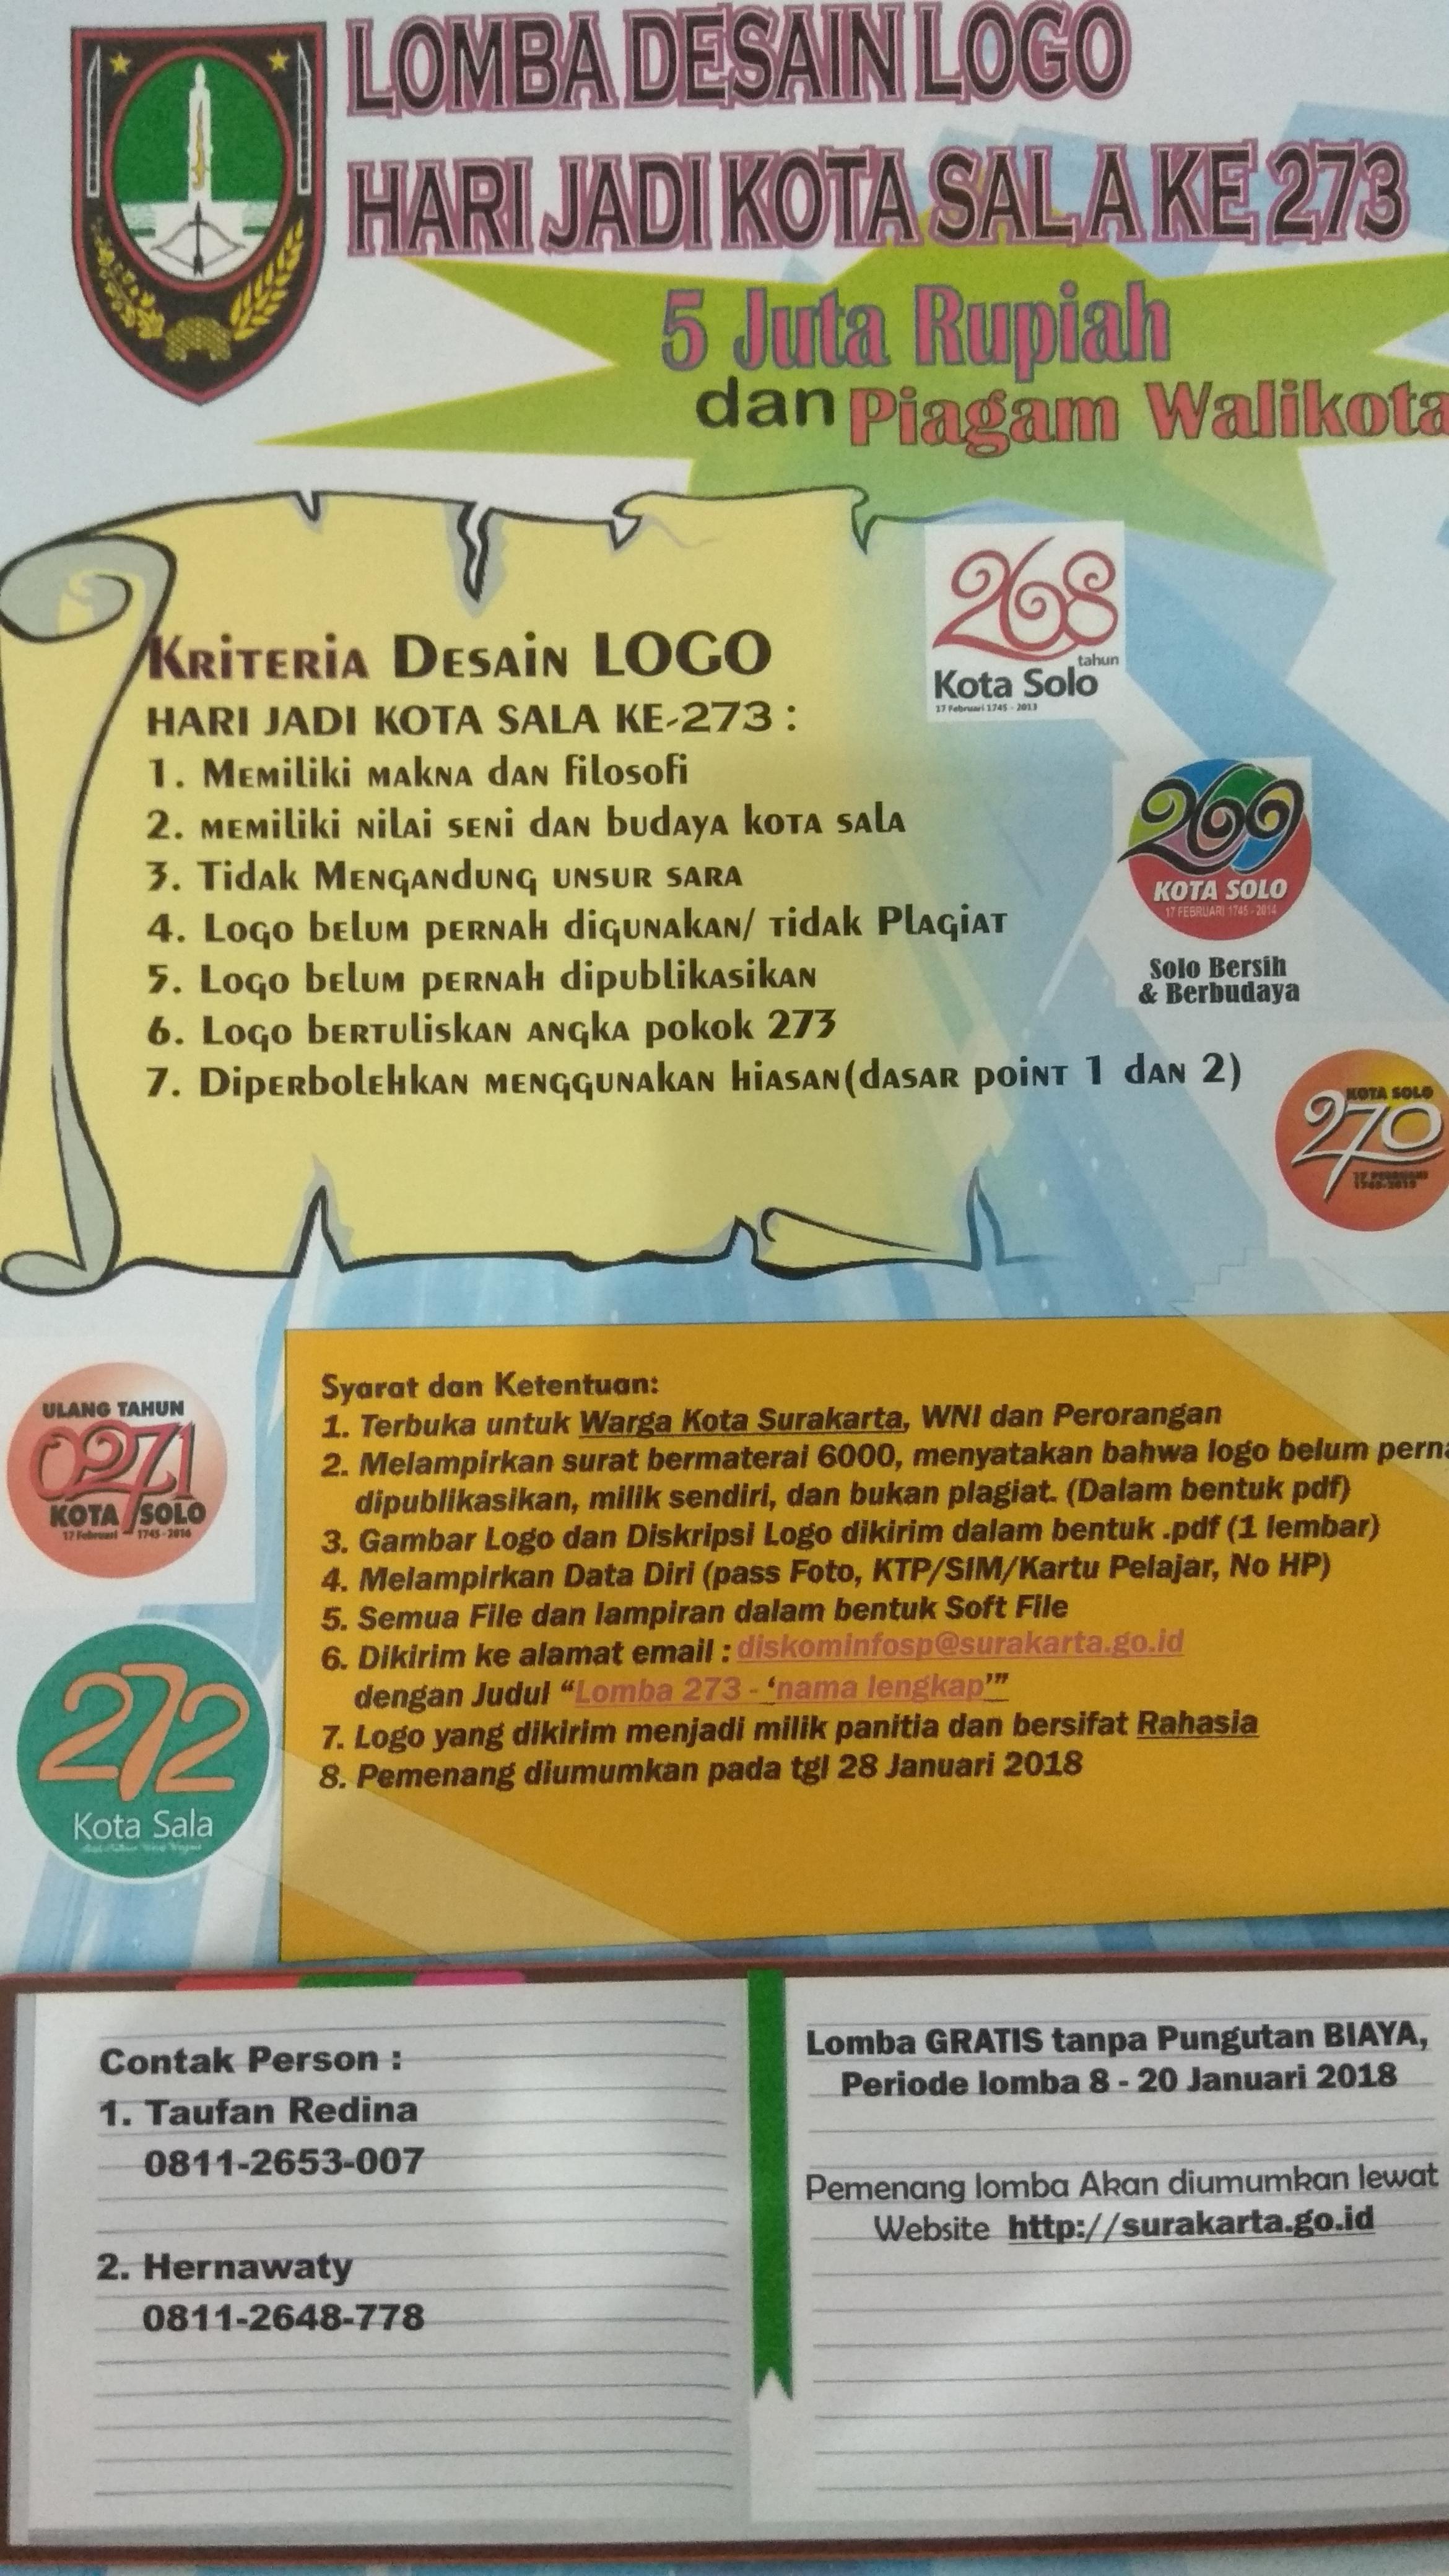 pengumuman-lomba-desain-logo-hari-jadi-kota-sala-ke-273